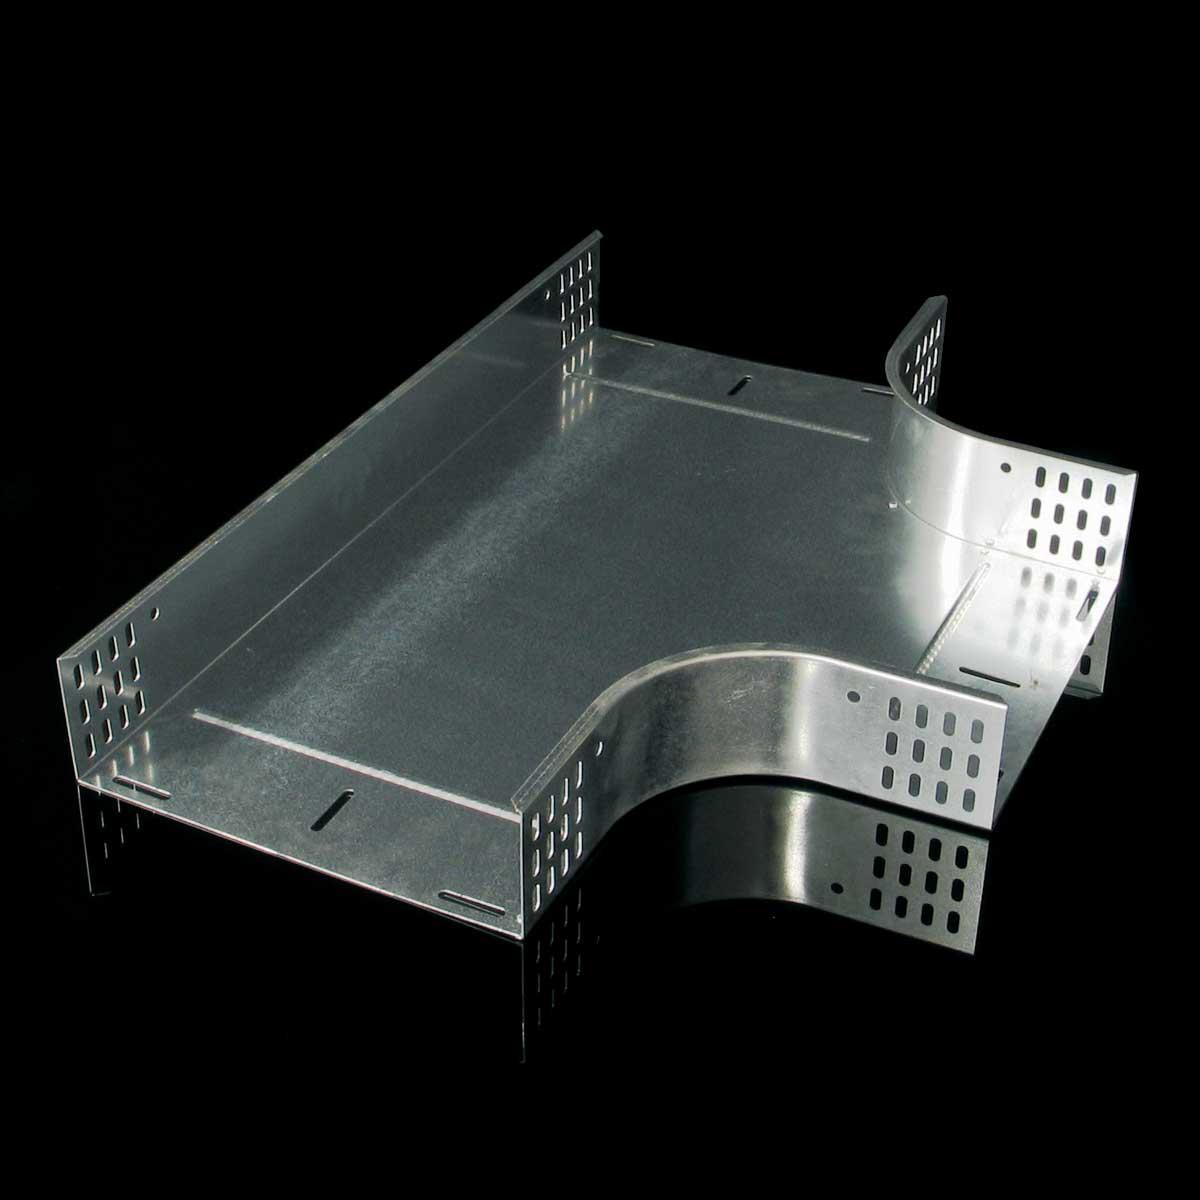 Відгалужувач горизонтальний Т-подібний JUPITER; розміри-60x100x300mm Товщ. метал-0,8 Вага-1,2кг/м